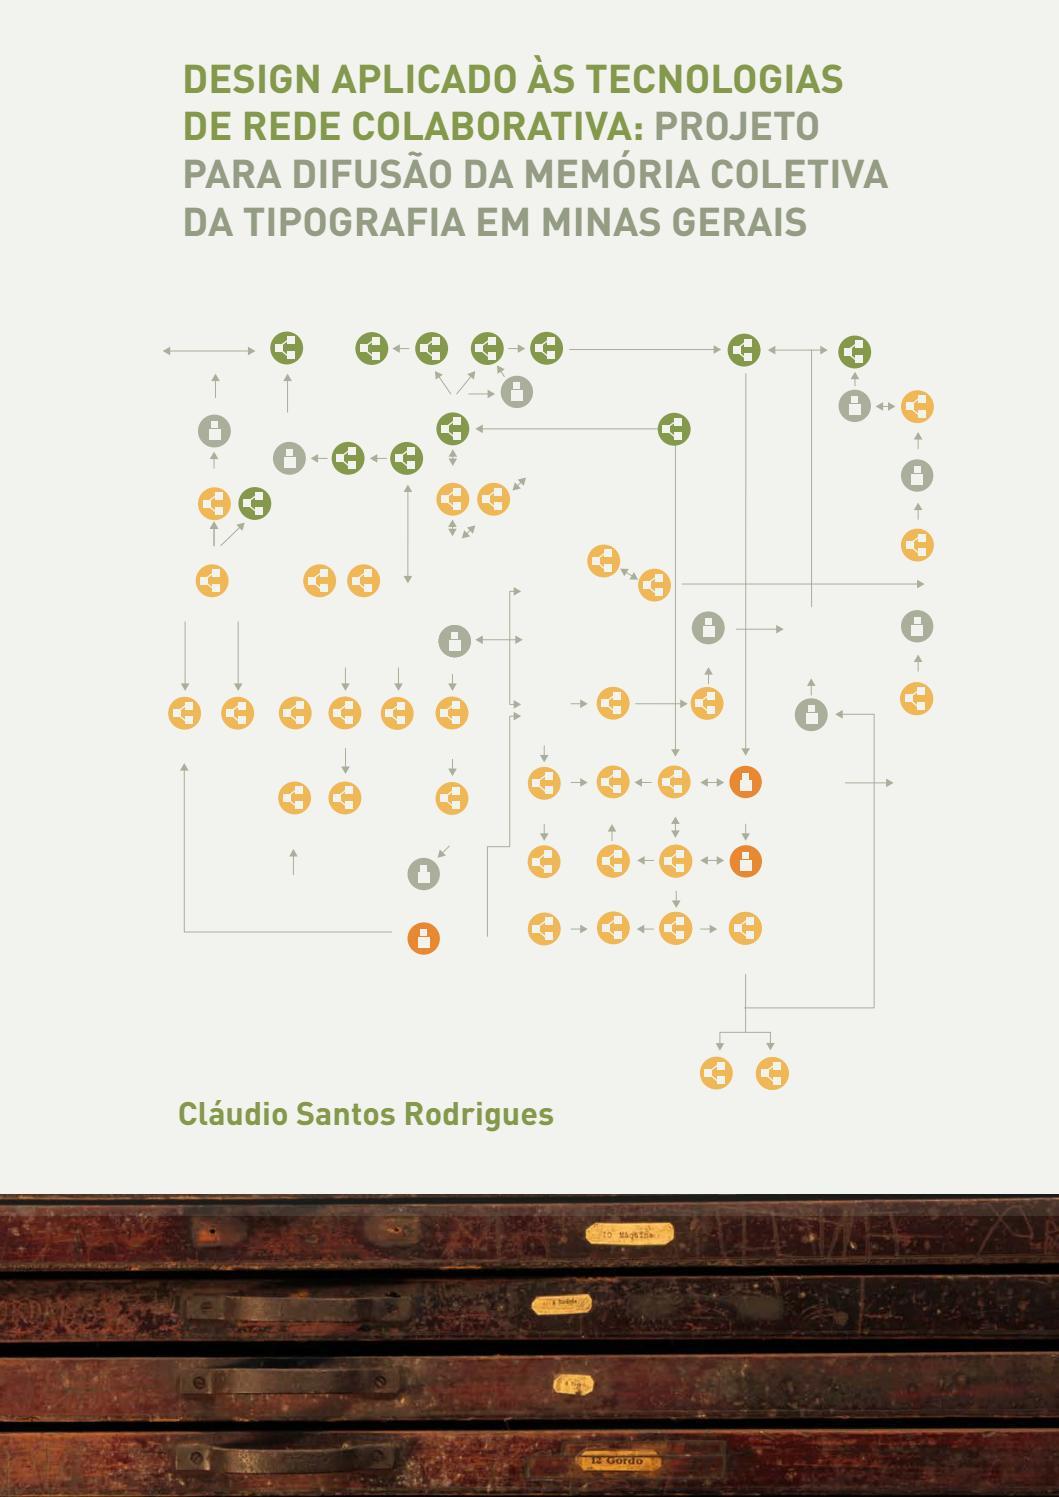 Dissertação de Mestrado | Design Aplicado às Tecnologias de Rede  Colaborativa by Grupo -Grafia - issuu